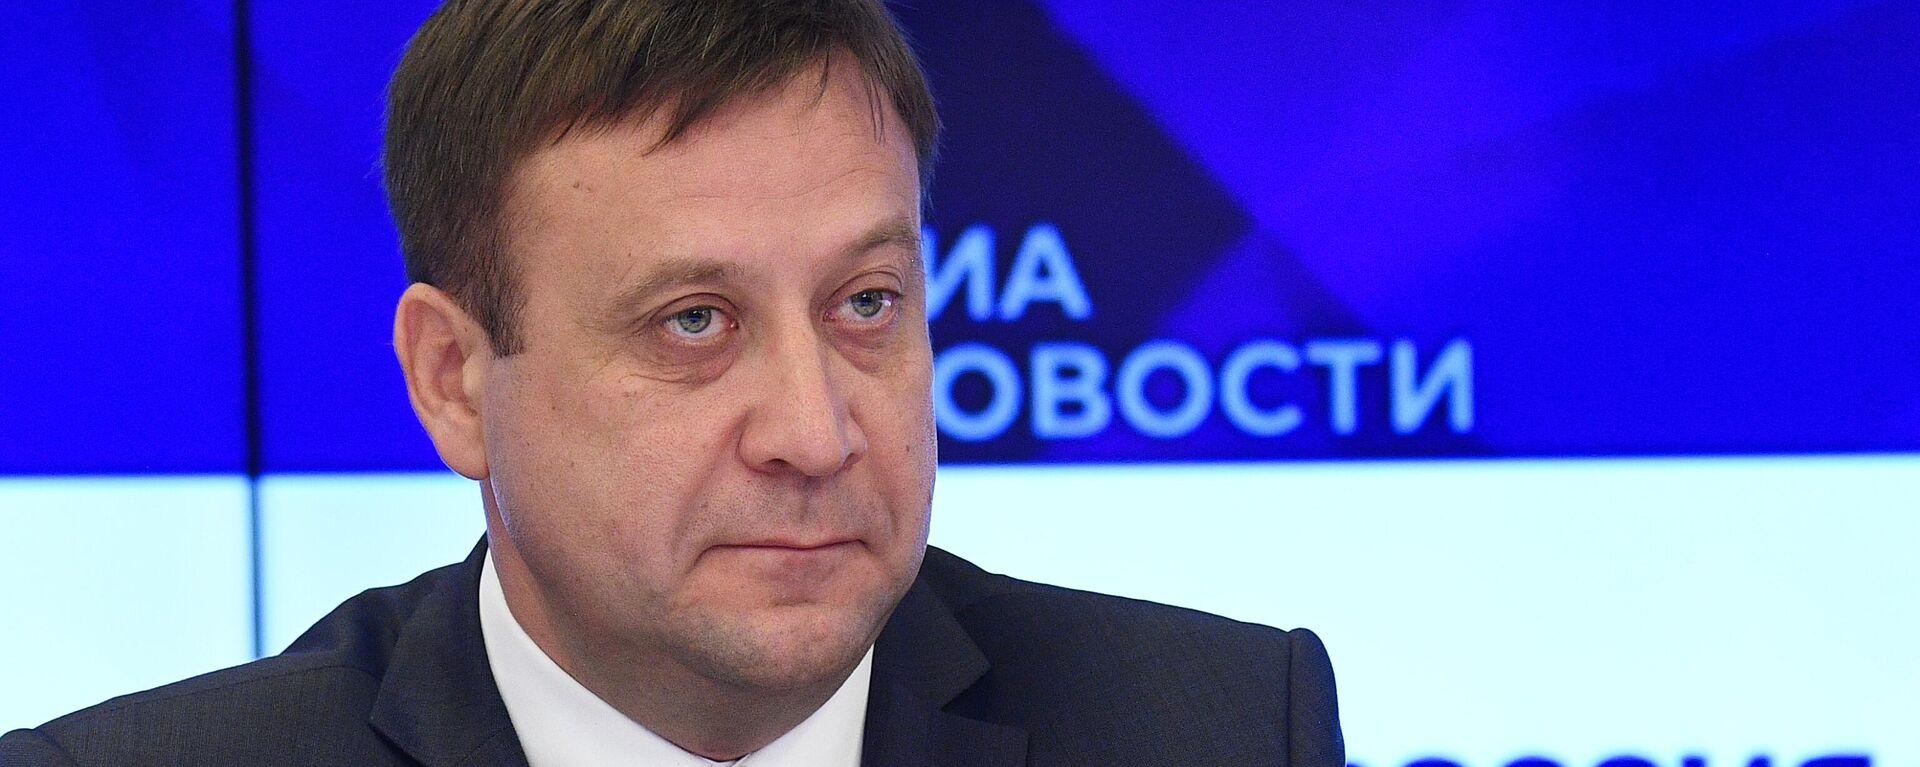 Шевцов: Россотрудничество увеличит квоты для всех стран СНГ - Sputnik Latvija, 1920, 05.09.2021